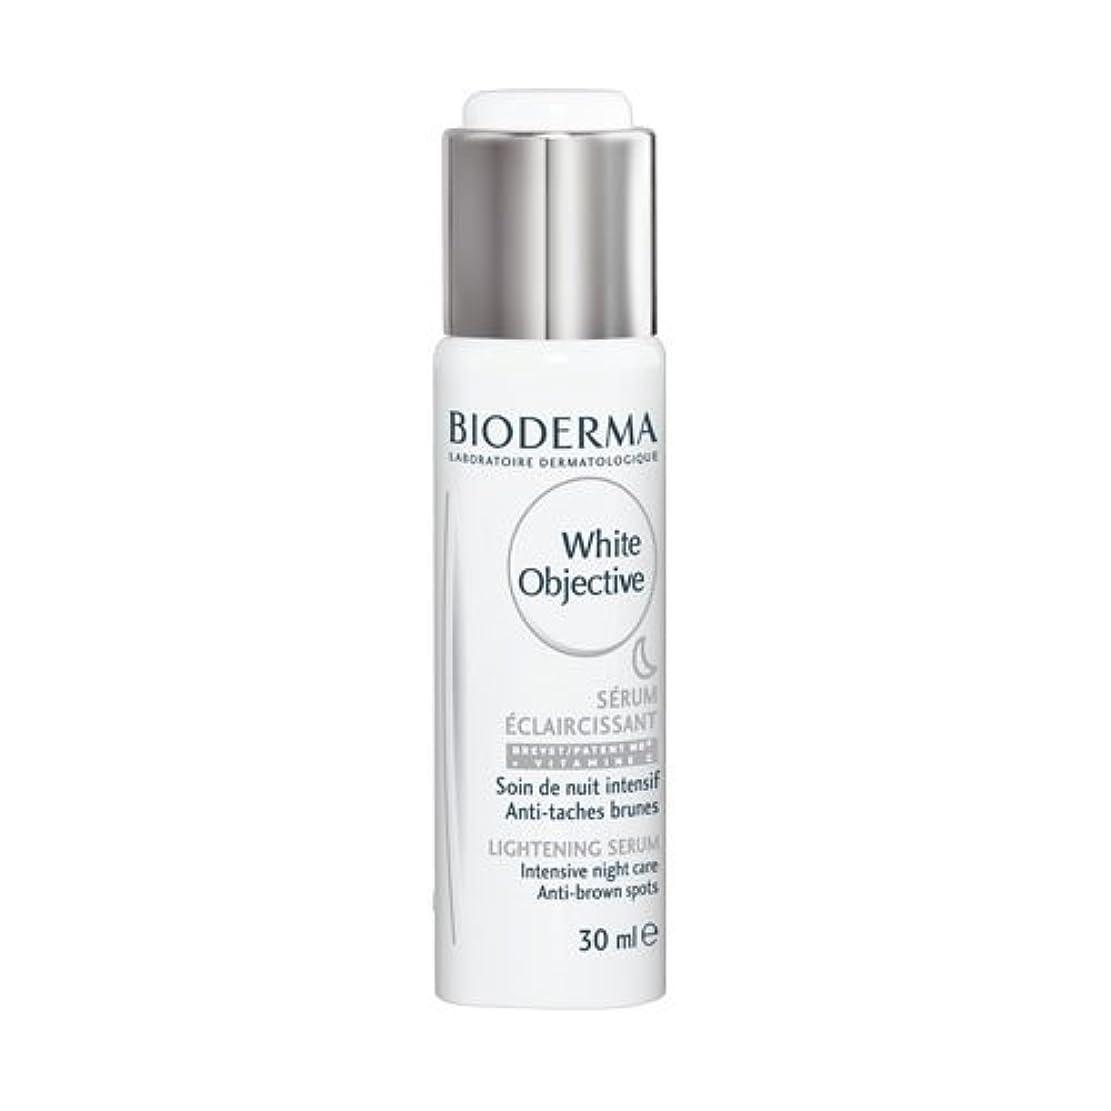 陸軍悲観主義者不公平Bioderma White Objective Serum 30ml [並行輸入品]